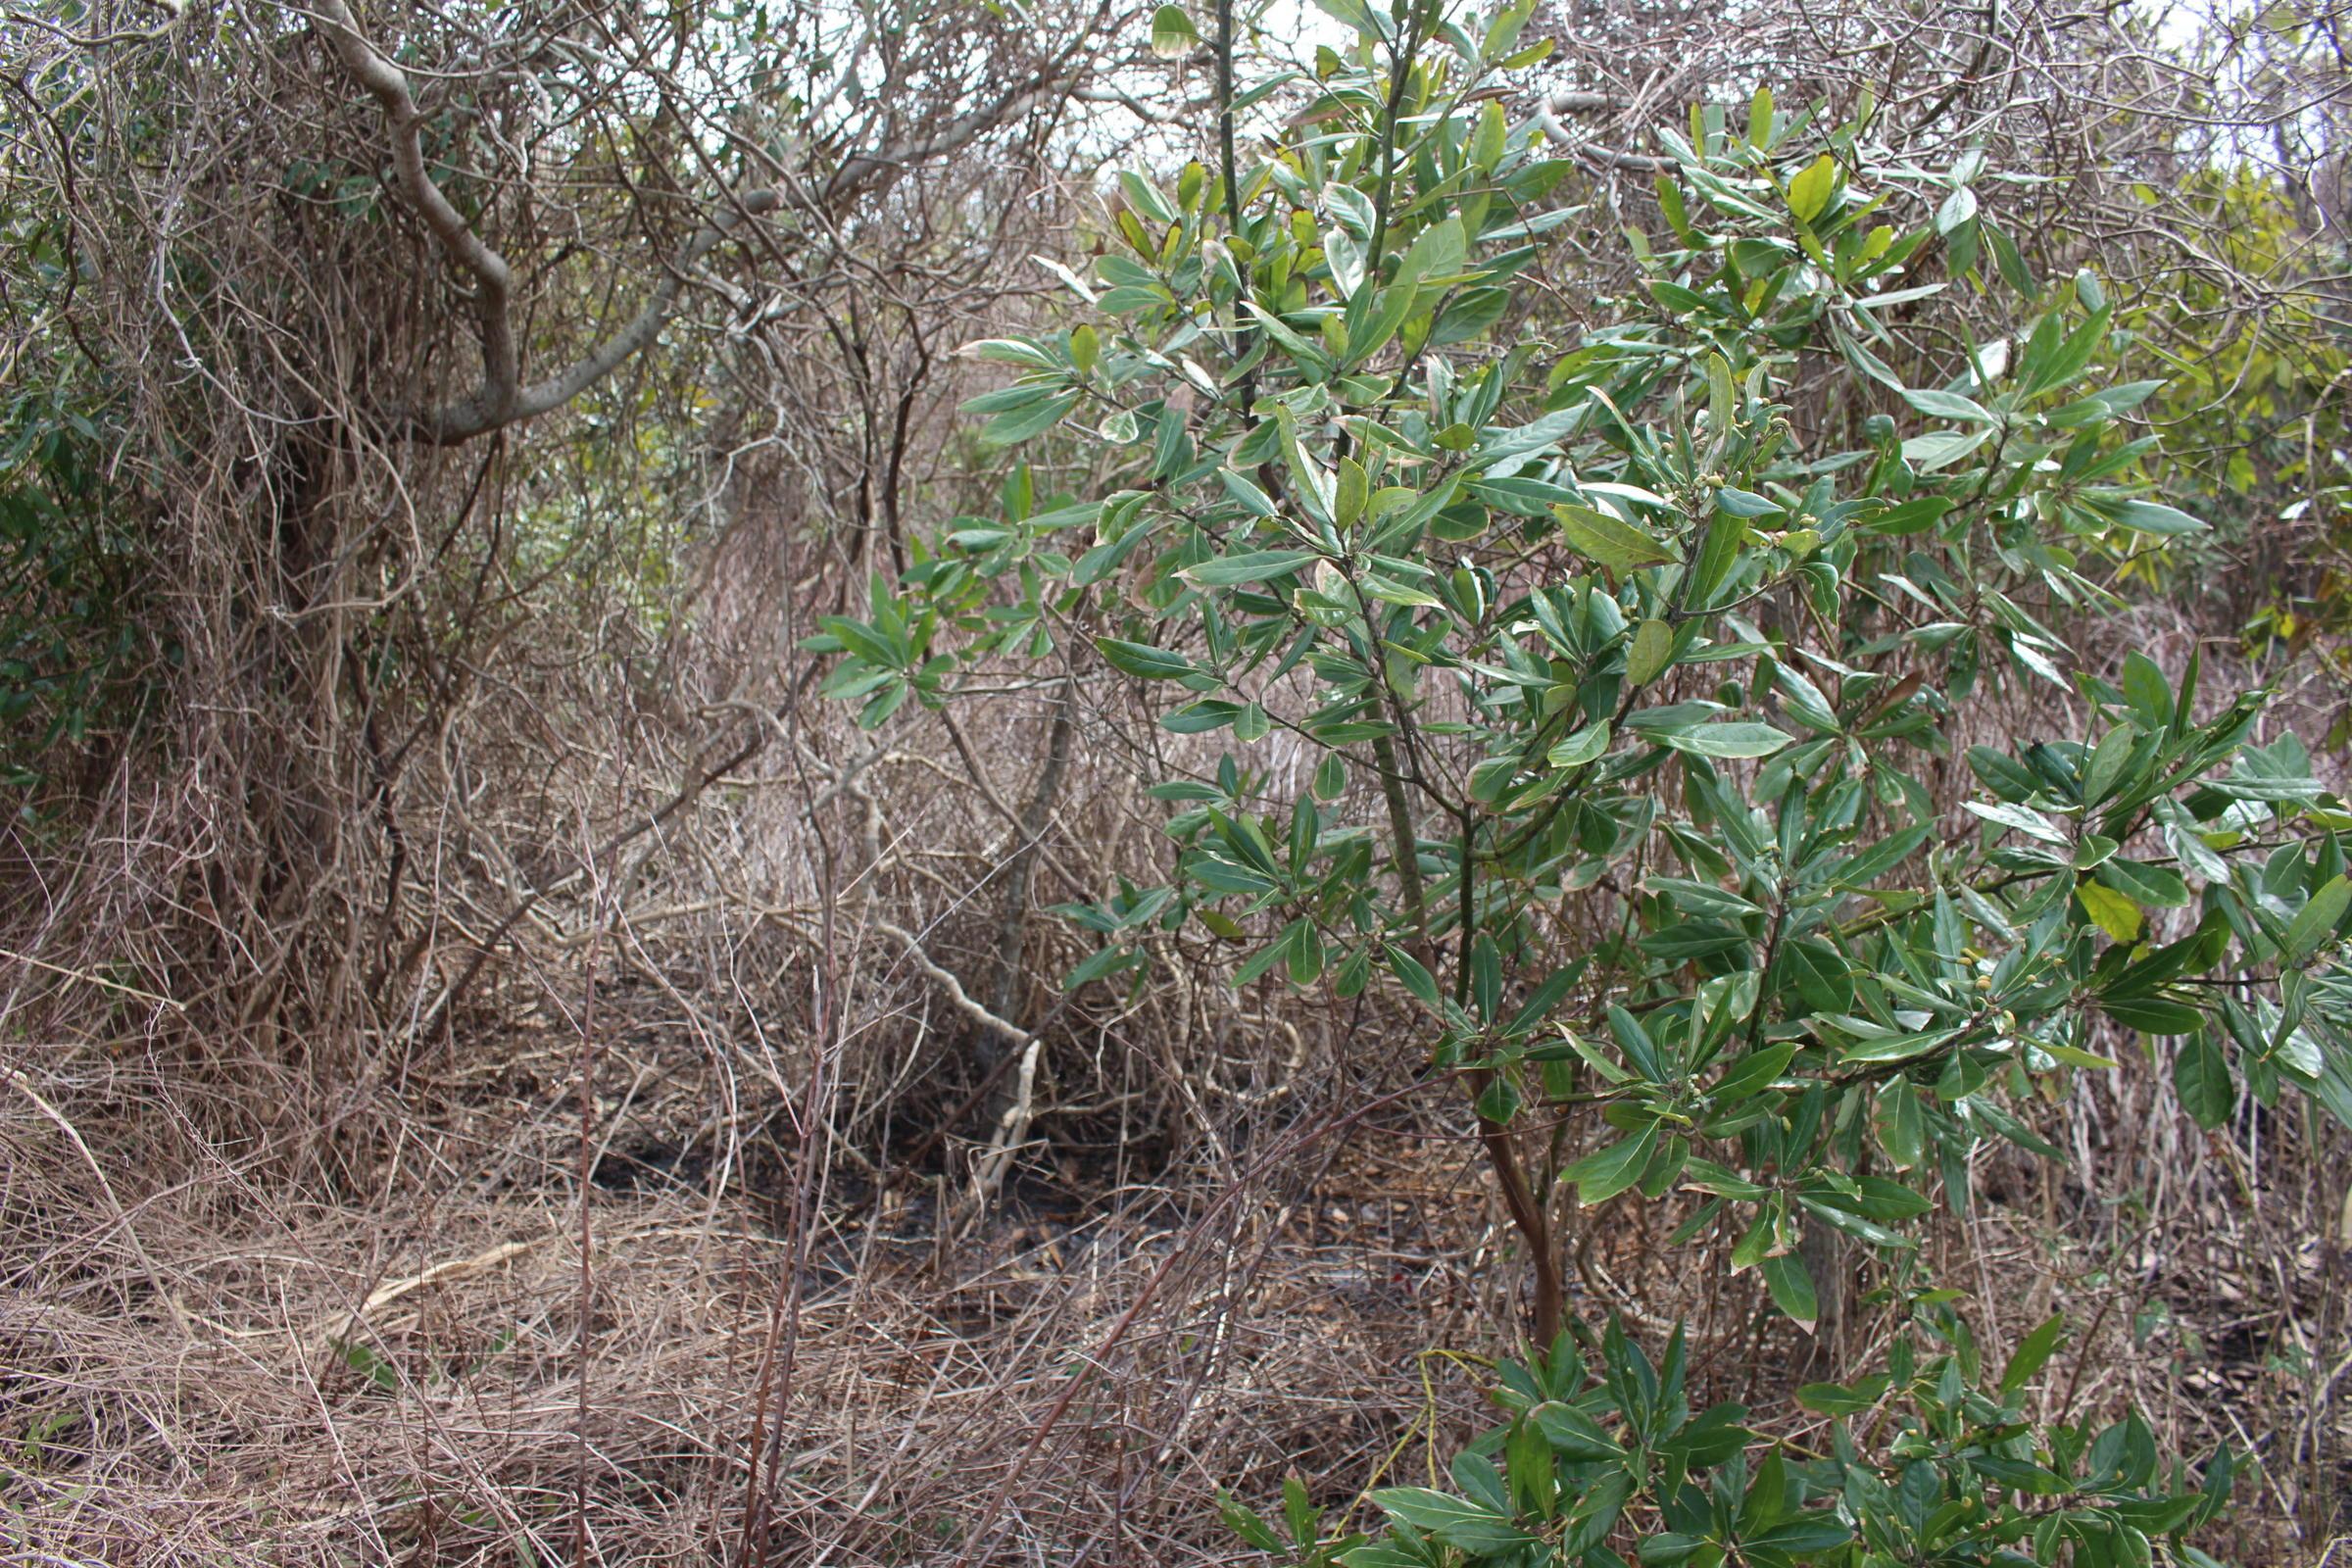 Red Bat shrub swamp